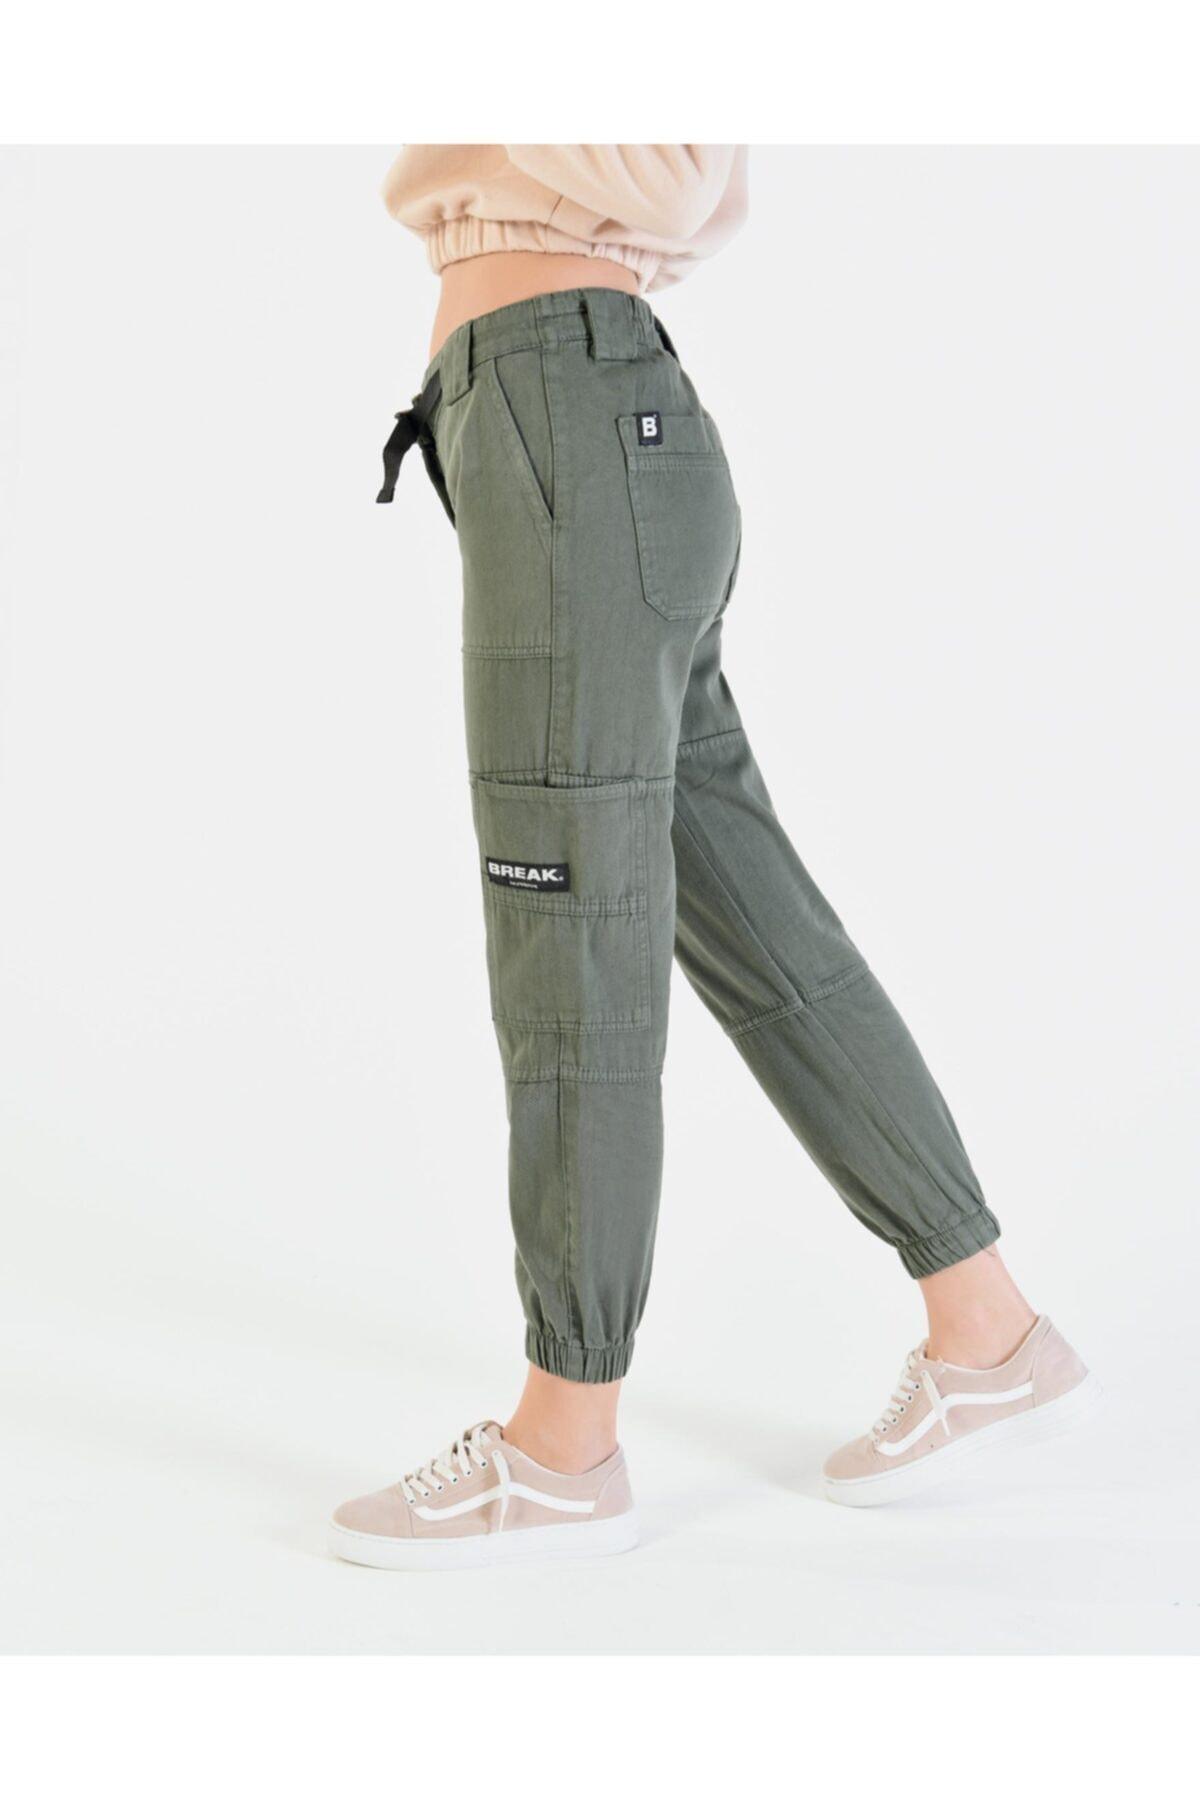 Vision Kadın Haki Cep Detaylı Kargo Pantolon 2